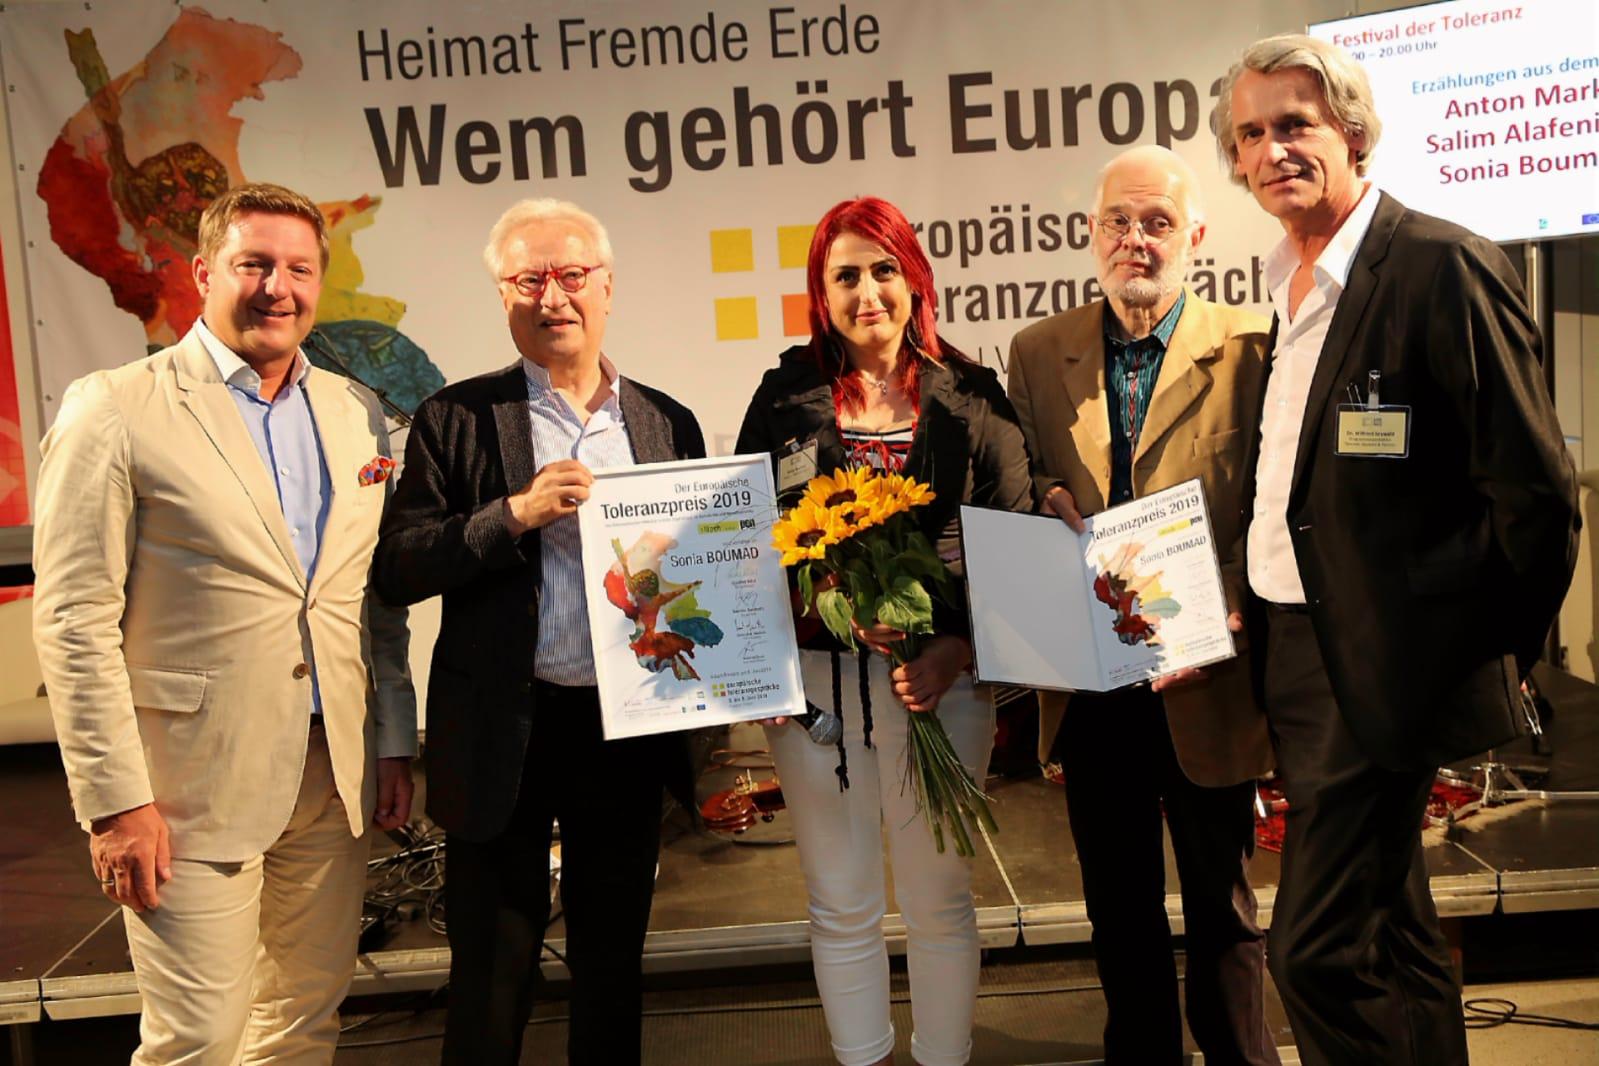 حصول الكاتبة سونيا بوماد على جائزة التسامح  (2)